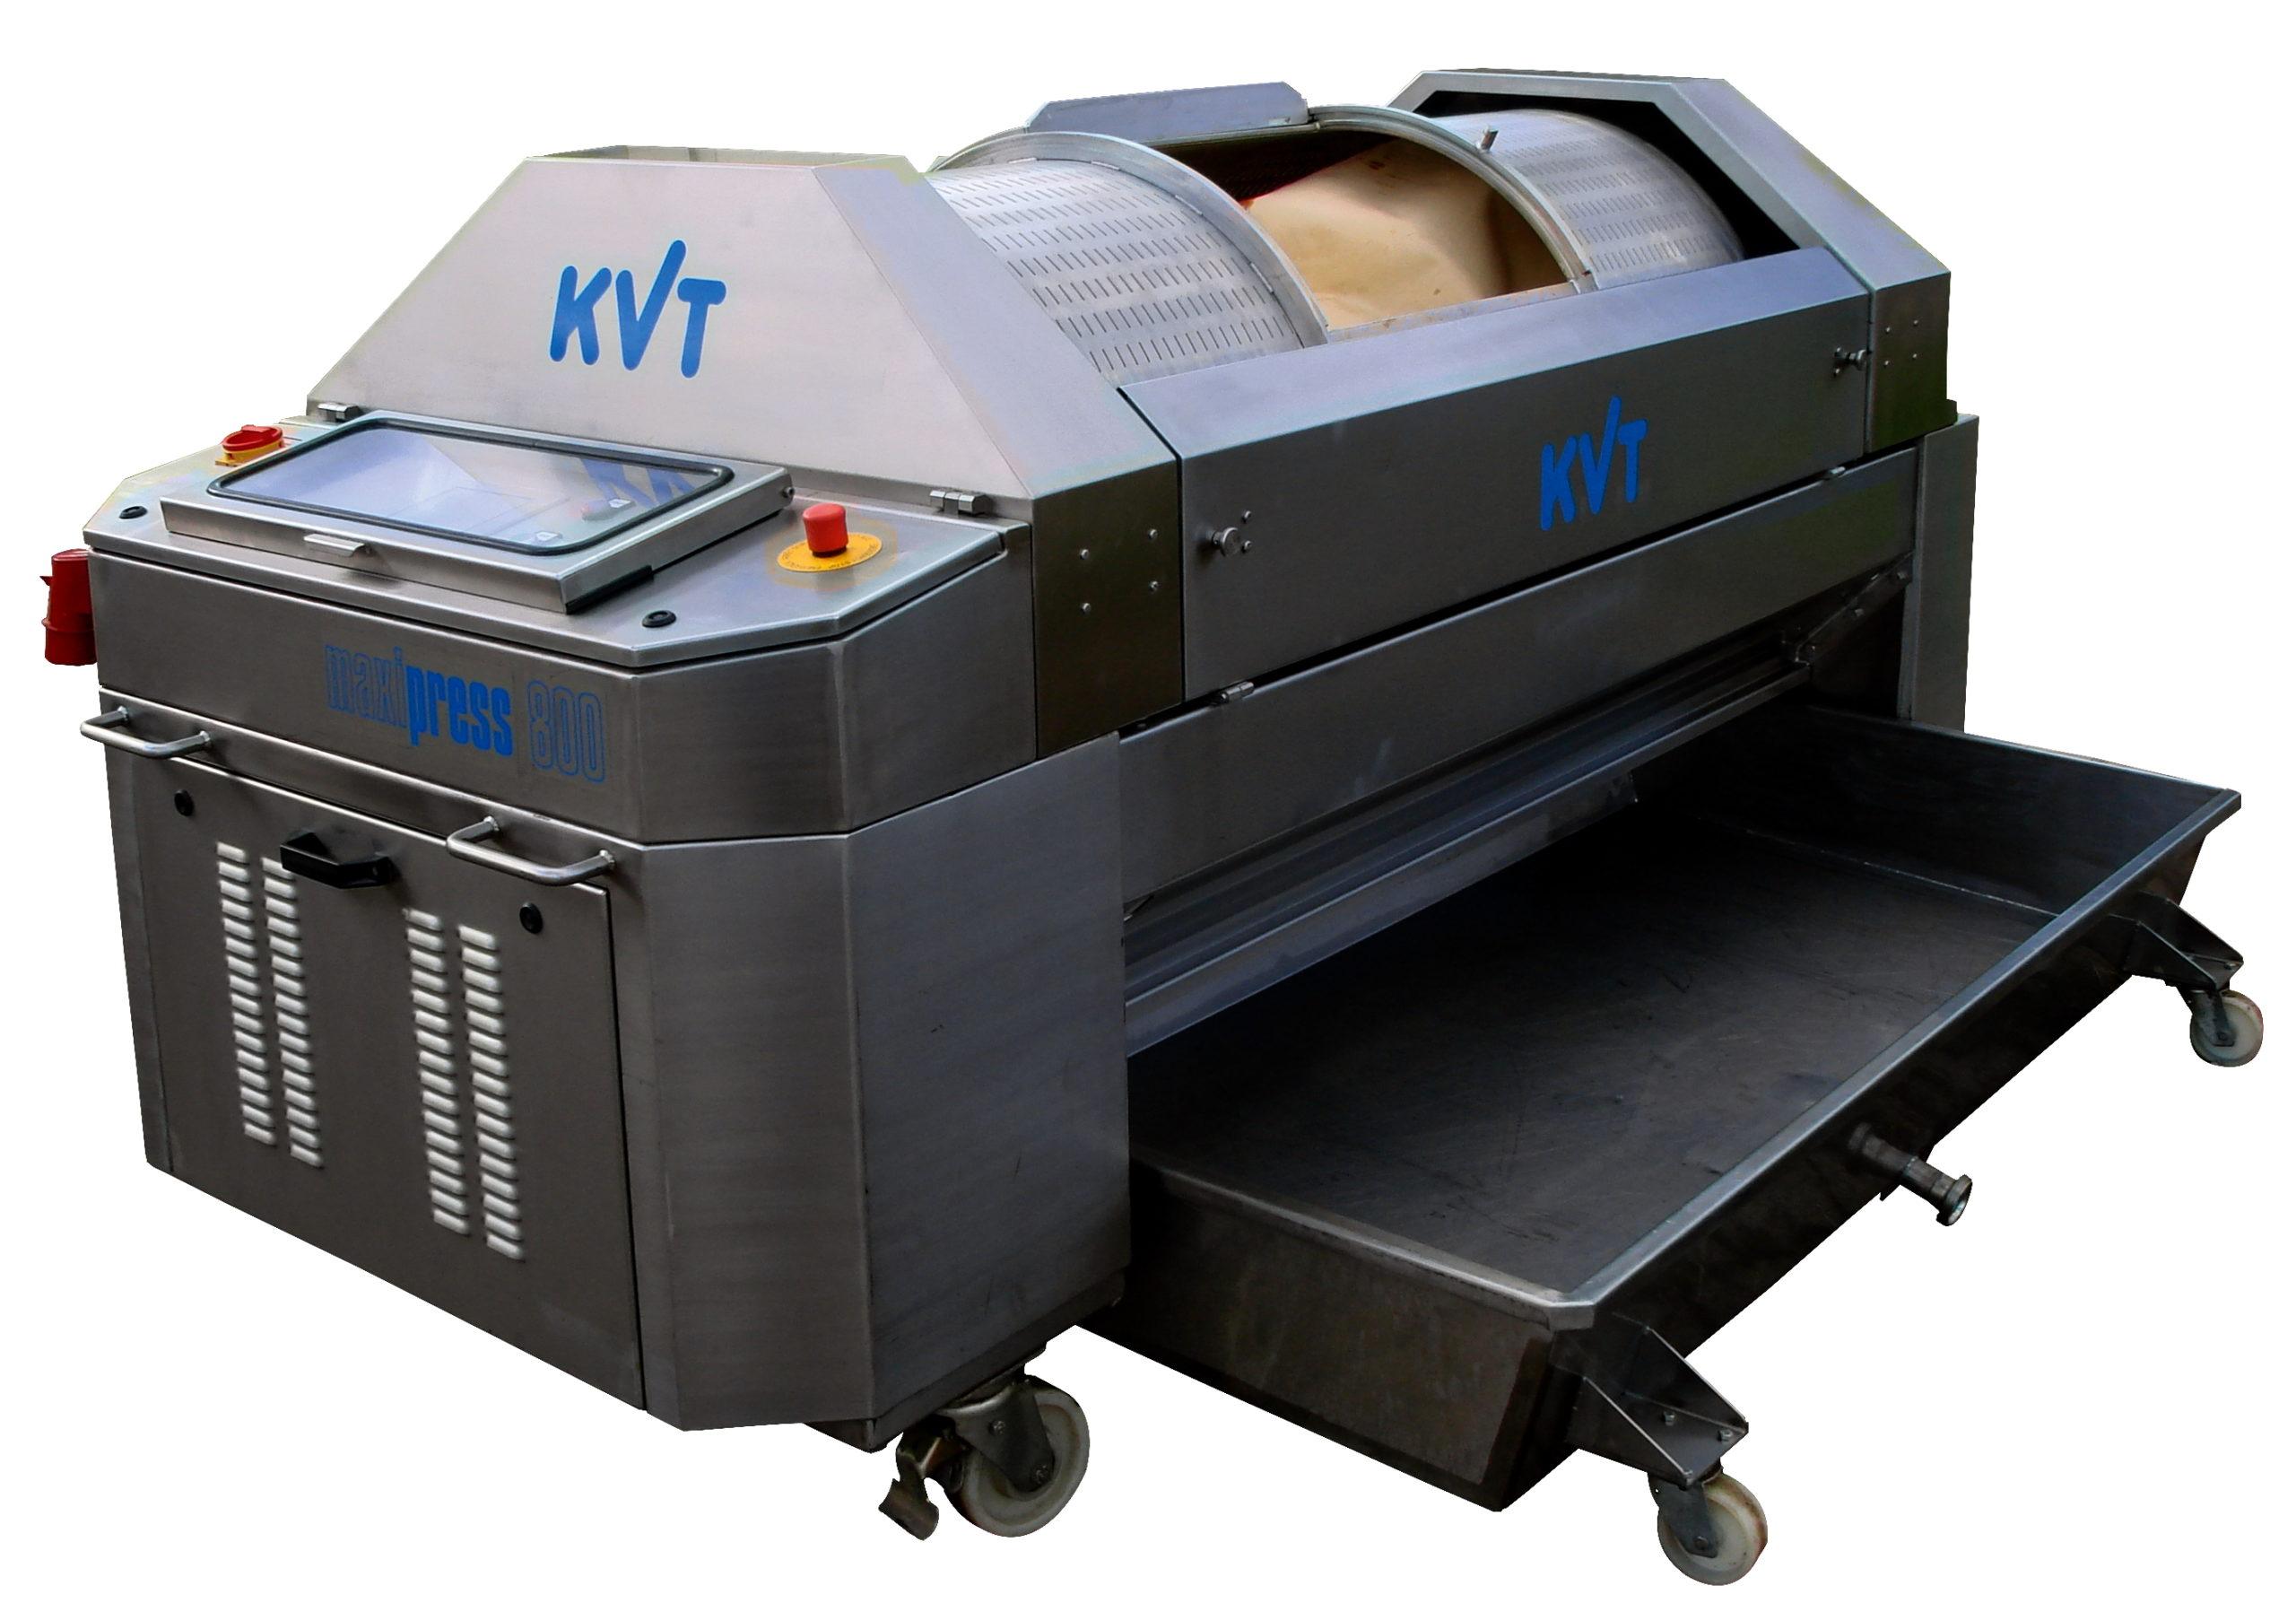 KVT-MAXI-PRESS 800 DSC08540